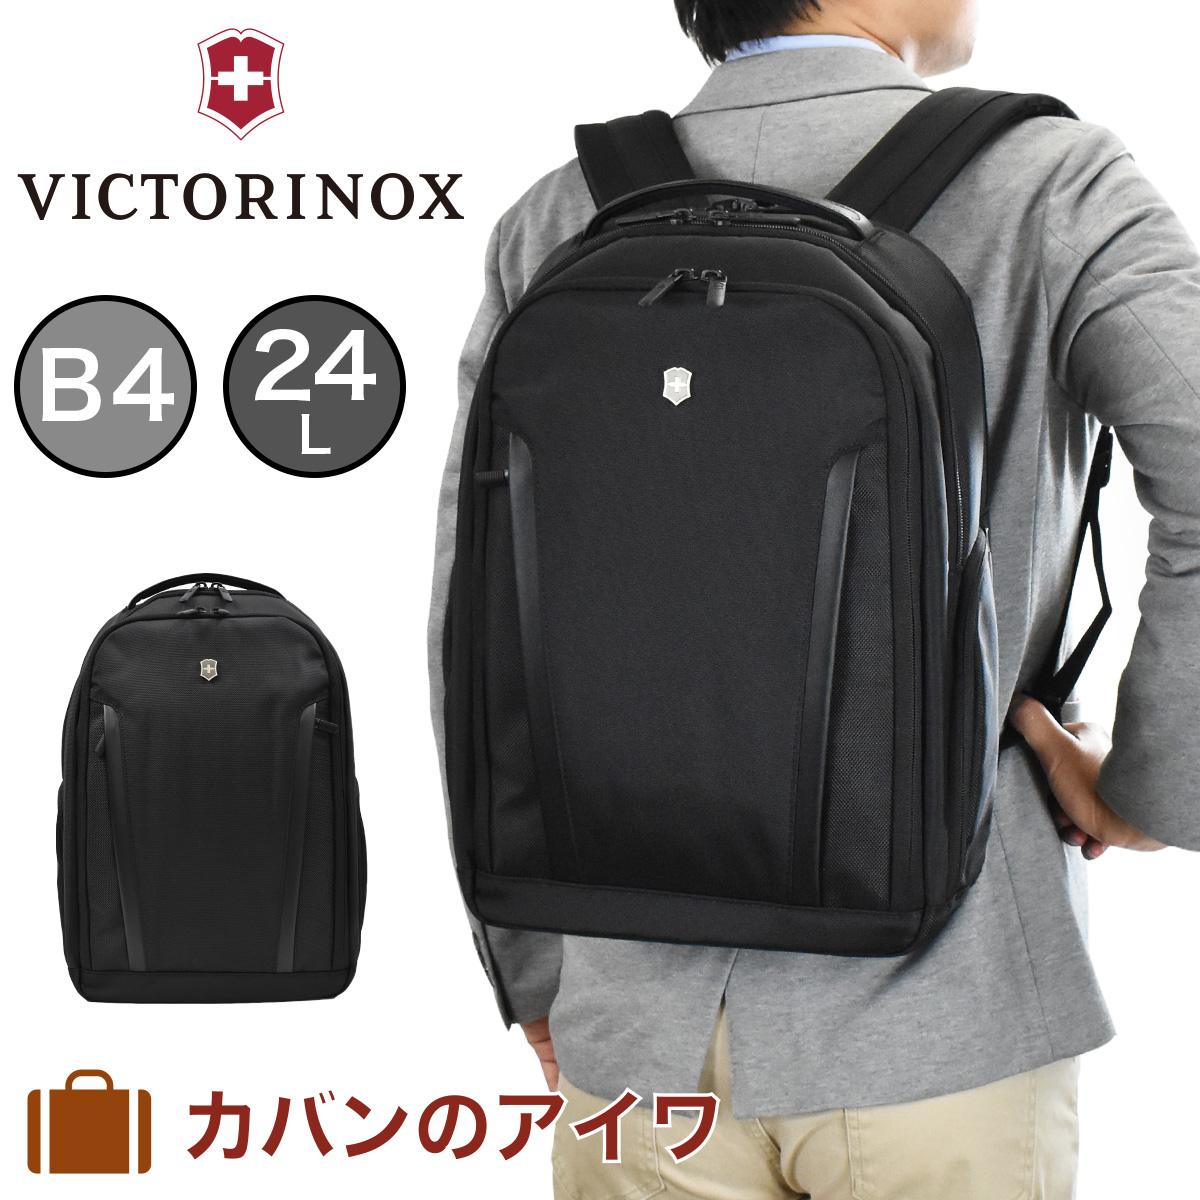 ビクトリノックス ビジネスバッグ リュック VICTORINOX ビジネスリュック 602154 B4 24L アルトモント エッセンシャル ラップトップ | メンズ レディース リュックサック バックパック ビジネス ビジネスバック バッグ ブランド 人気 父の日